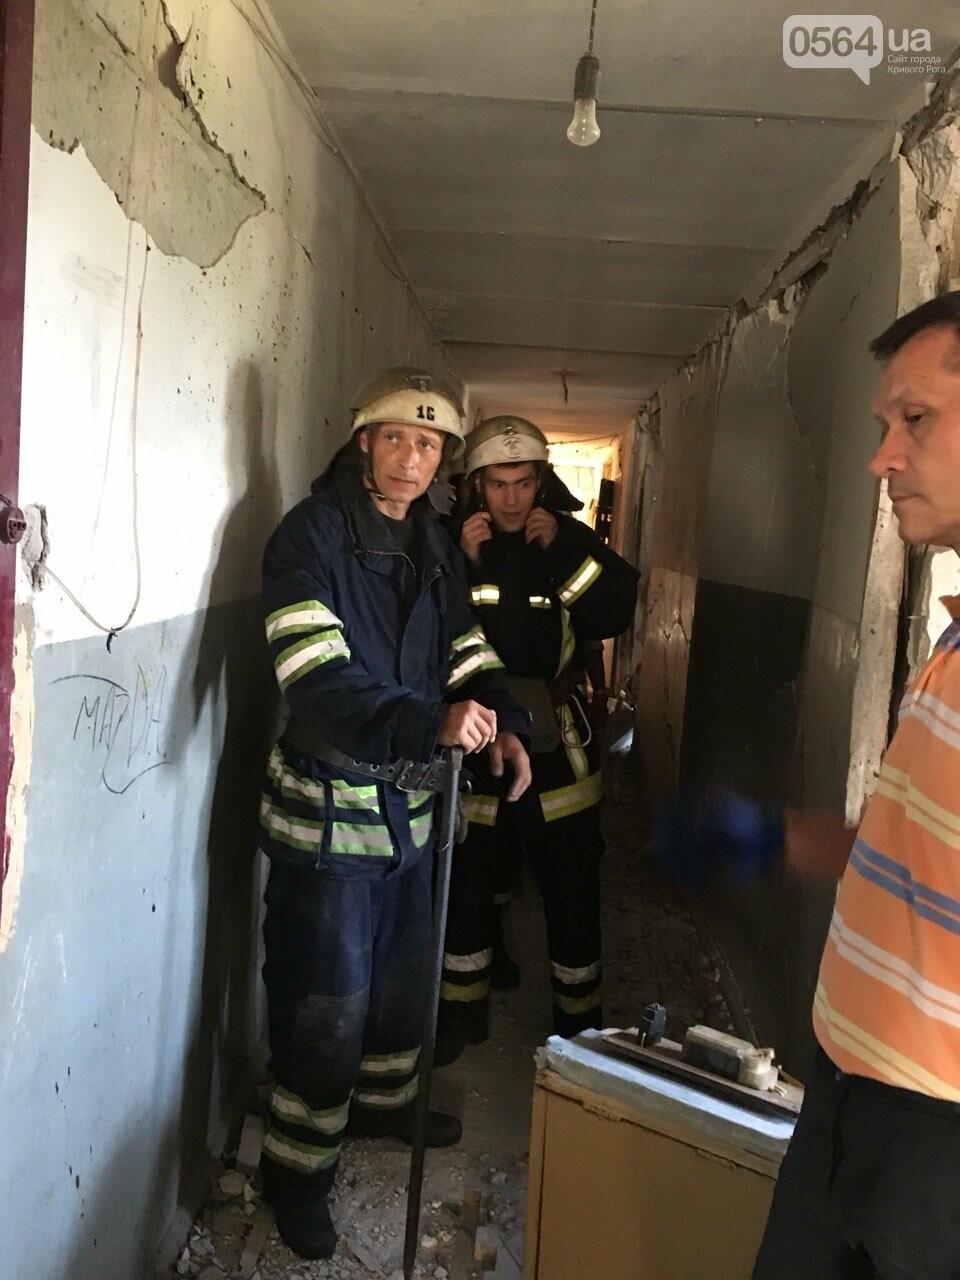 Криворожанам, пострадавшим от взрыва в малосемейке, выделили из городского бюджета 101 тысячу, - ФОТО, фото-2